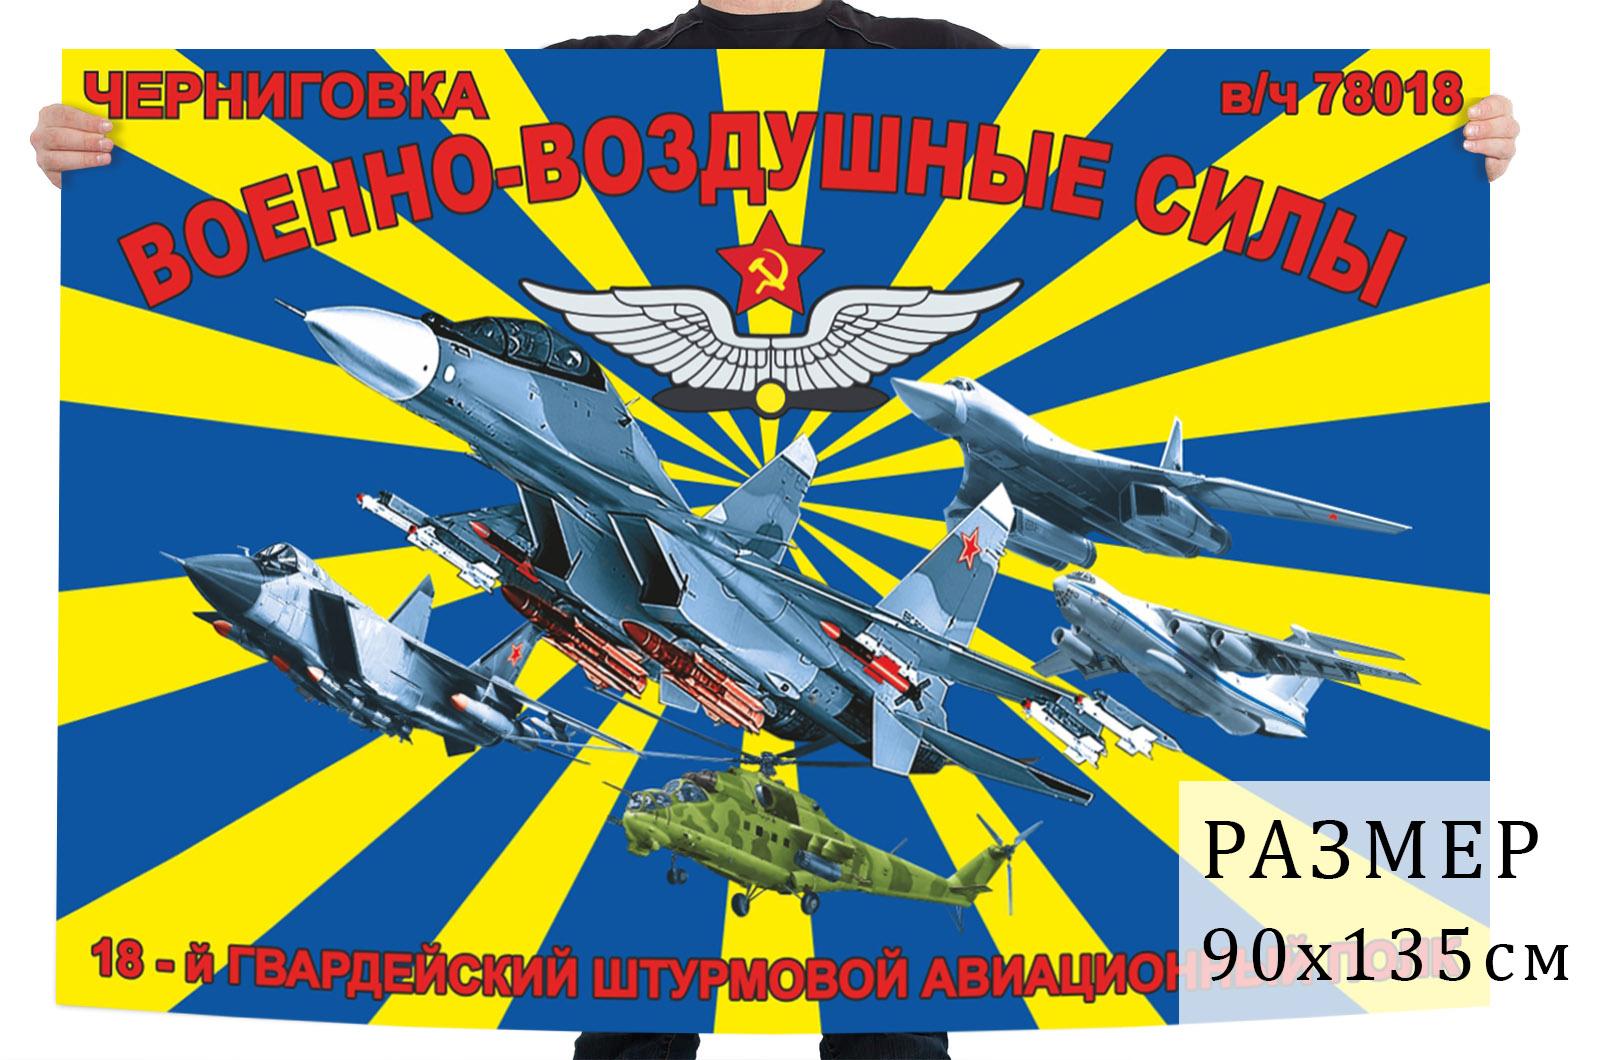 Купить недорого флаг ВВС 18 гв. штурмовой авиационный полк ВВС Черниговка, в/ч 78018